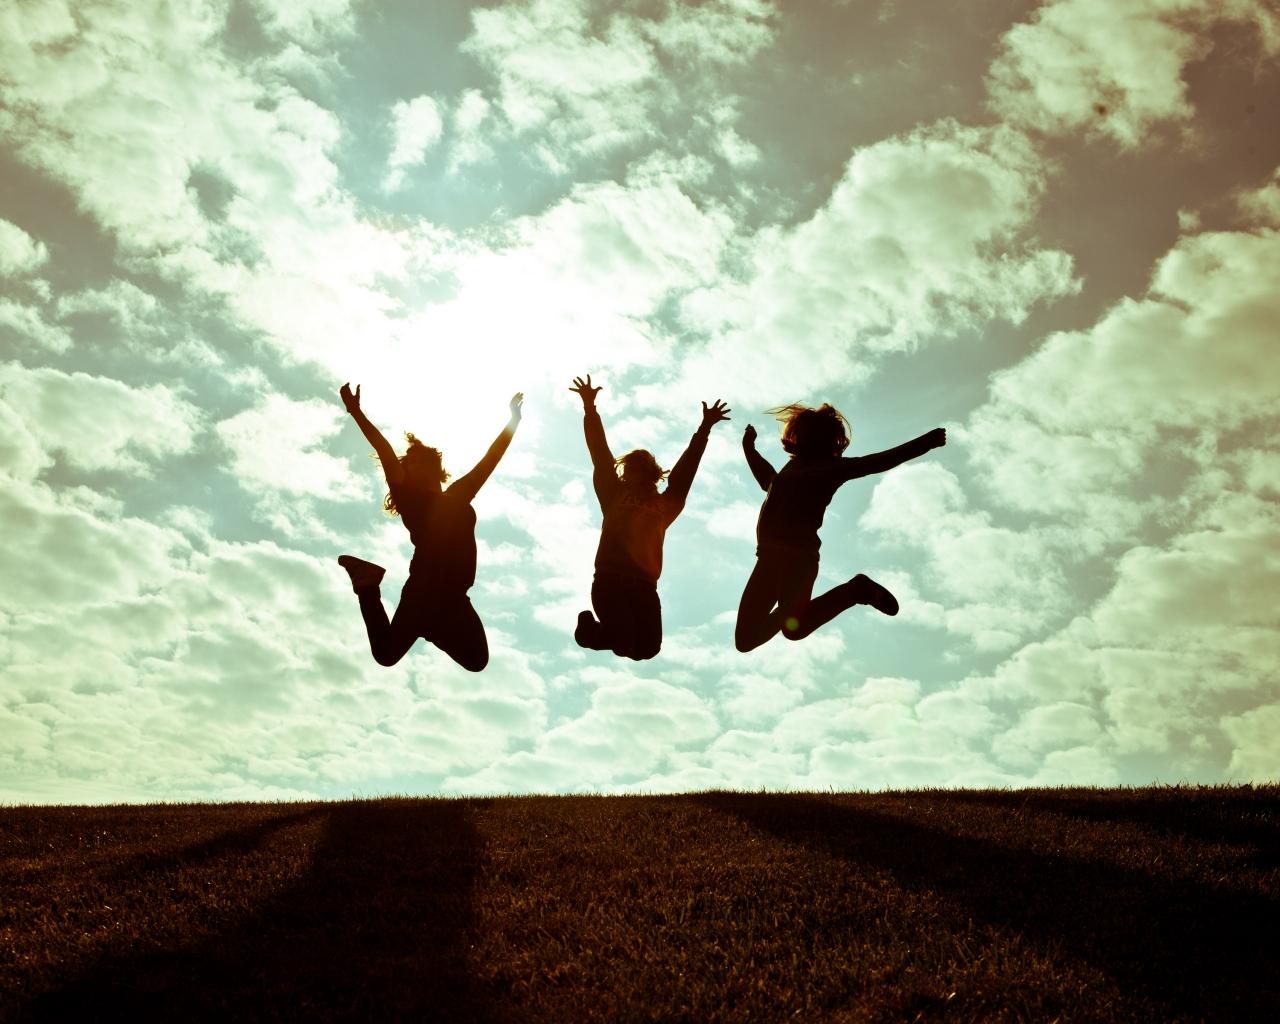 Chicas saltando - 1280x1024